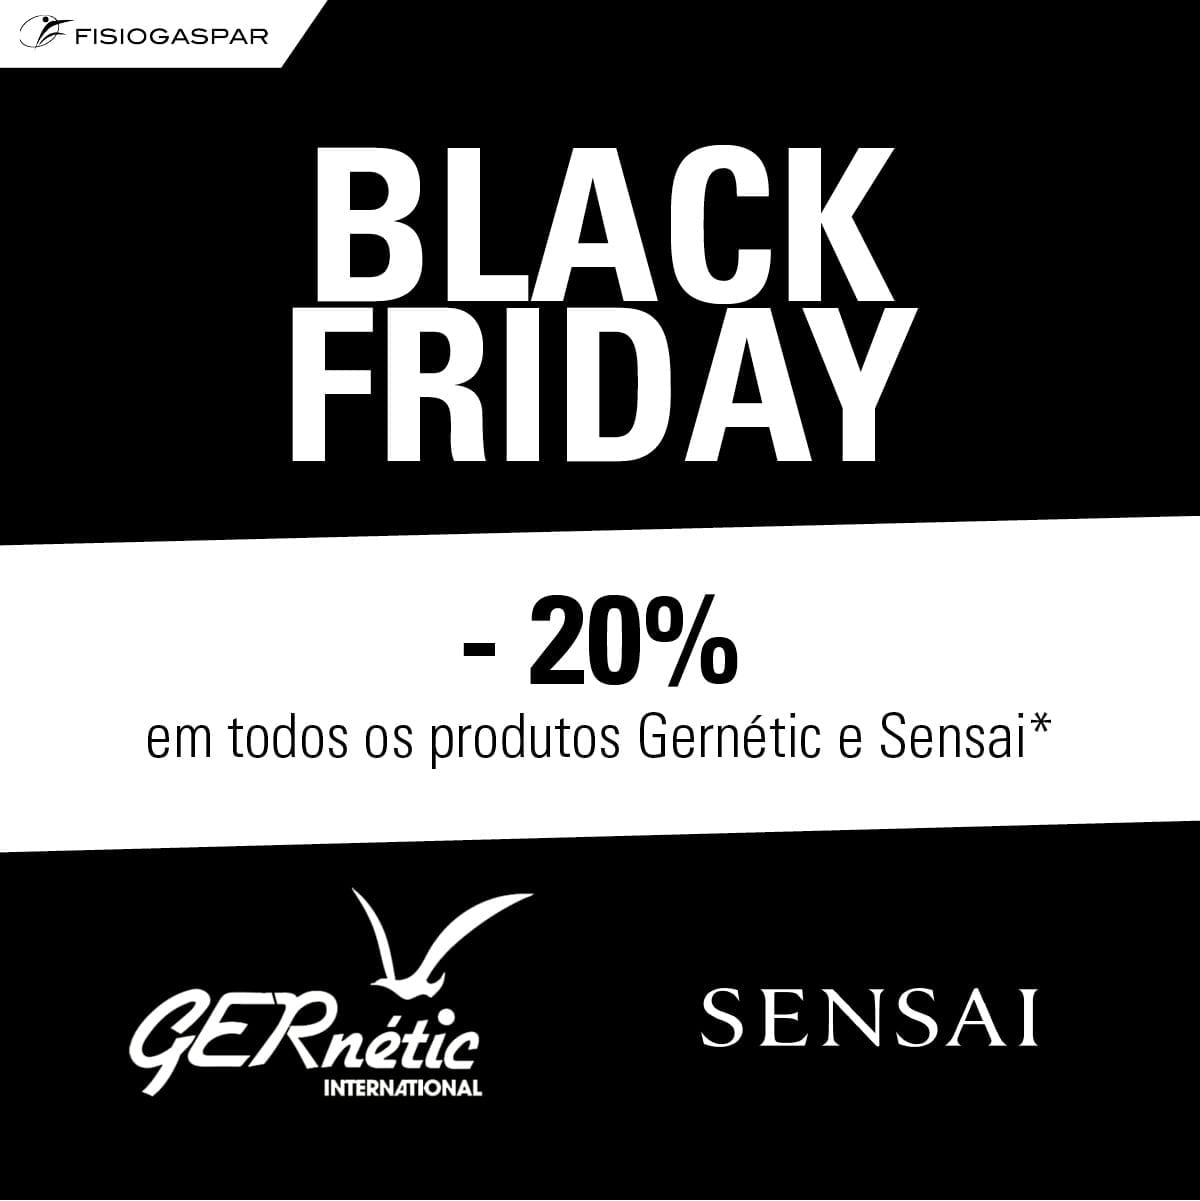 black fridai menos 20% de desconto em produtos gernétic e sensai